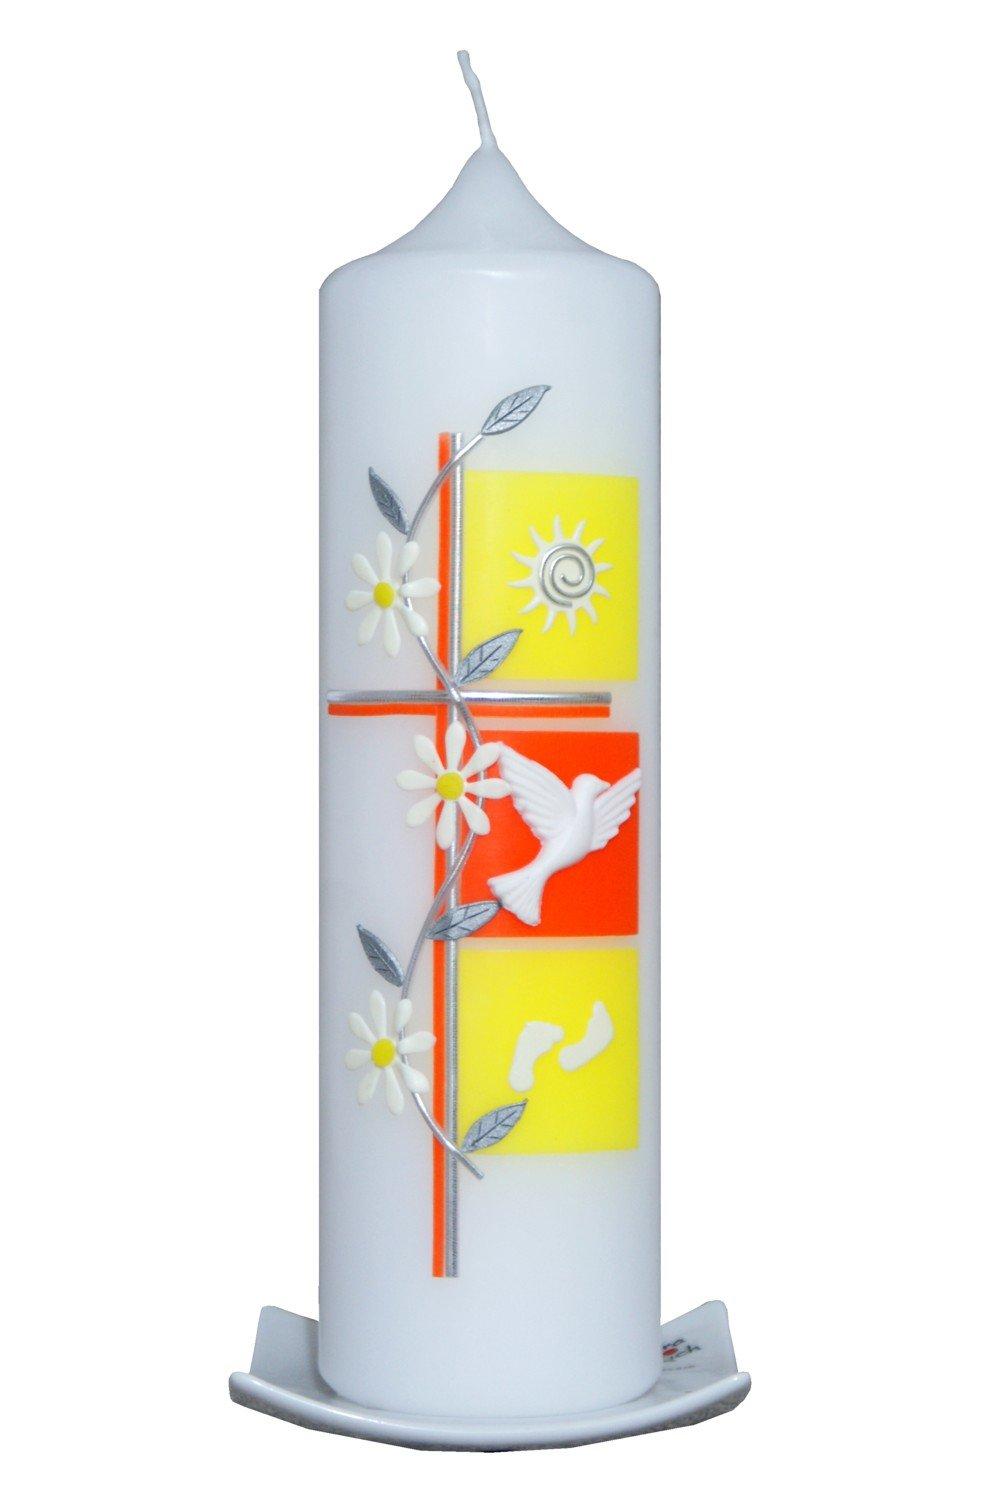 Den Beschriftungswunsch bitte an: info@artecera.com wird NUR auf Kundenwunsch f/ür Sie gefertigt Taufkerze Kreuz mit 3 Quadraten und Blumenranke 25x7cm rapsgelb-orange Vorname und ein Datum Bei uns bekommen sie keine Massenware